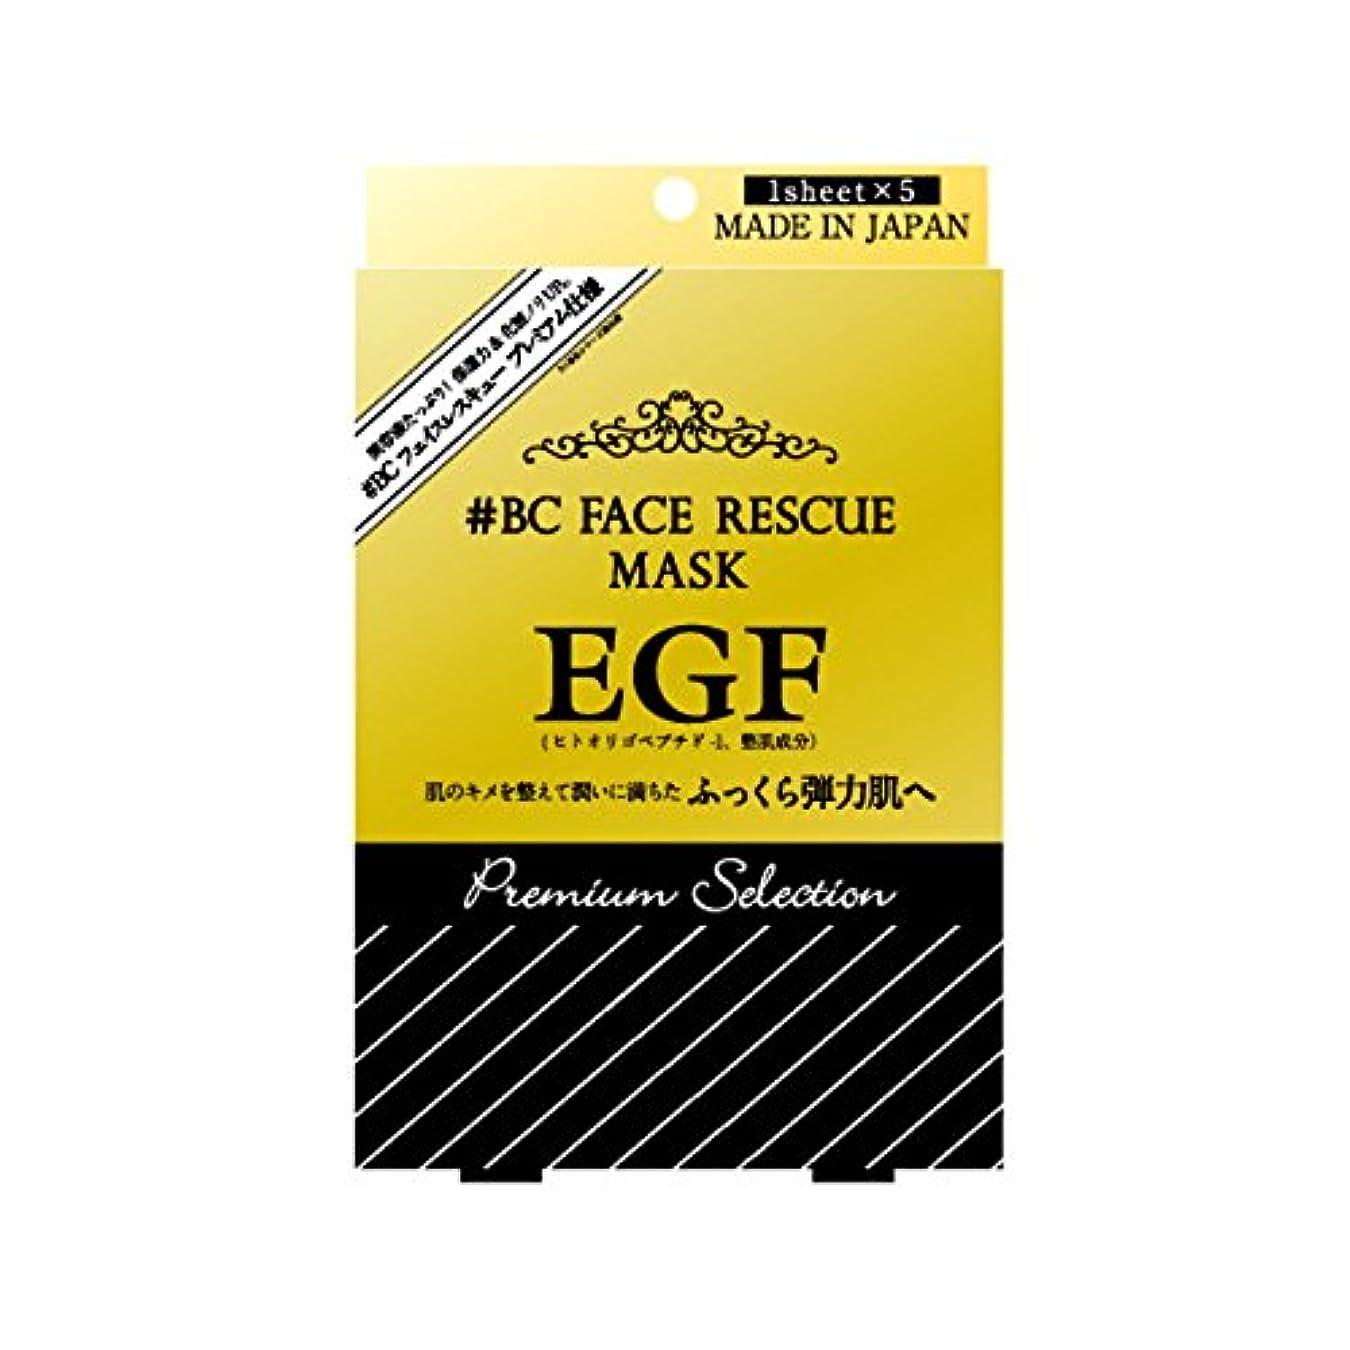 不健康チャレンジランダムEGF フェイスレスキューマスク PS 1箱(25ml×5枚)